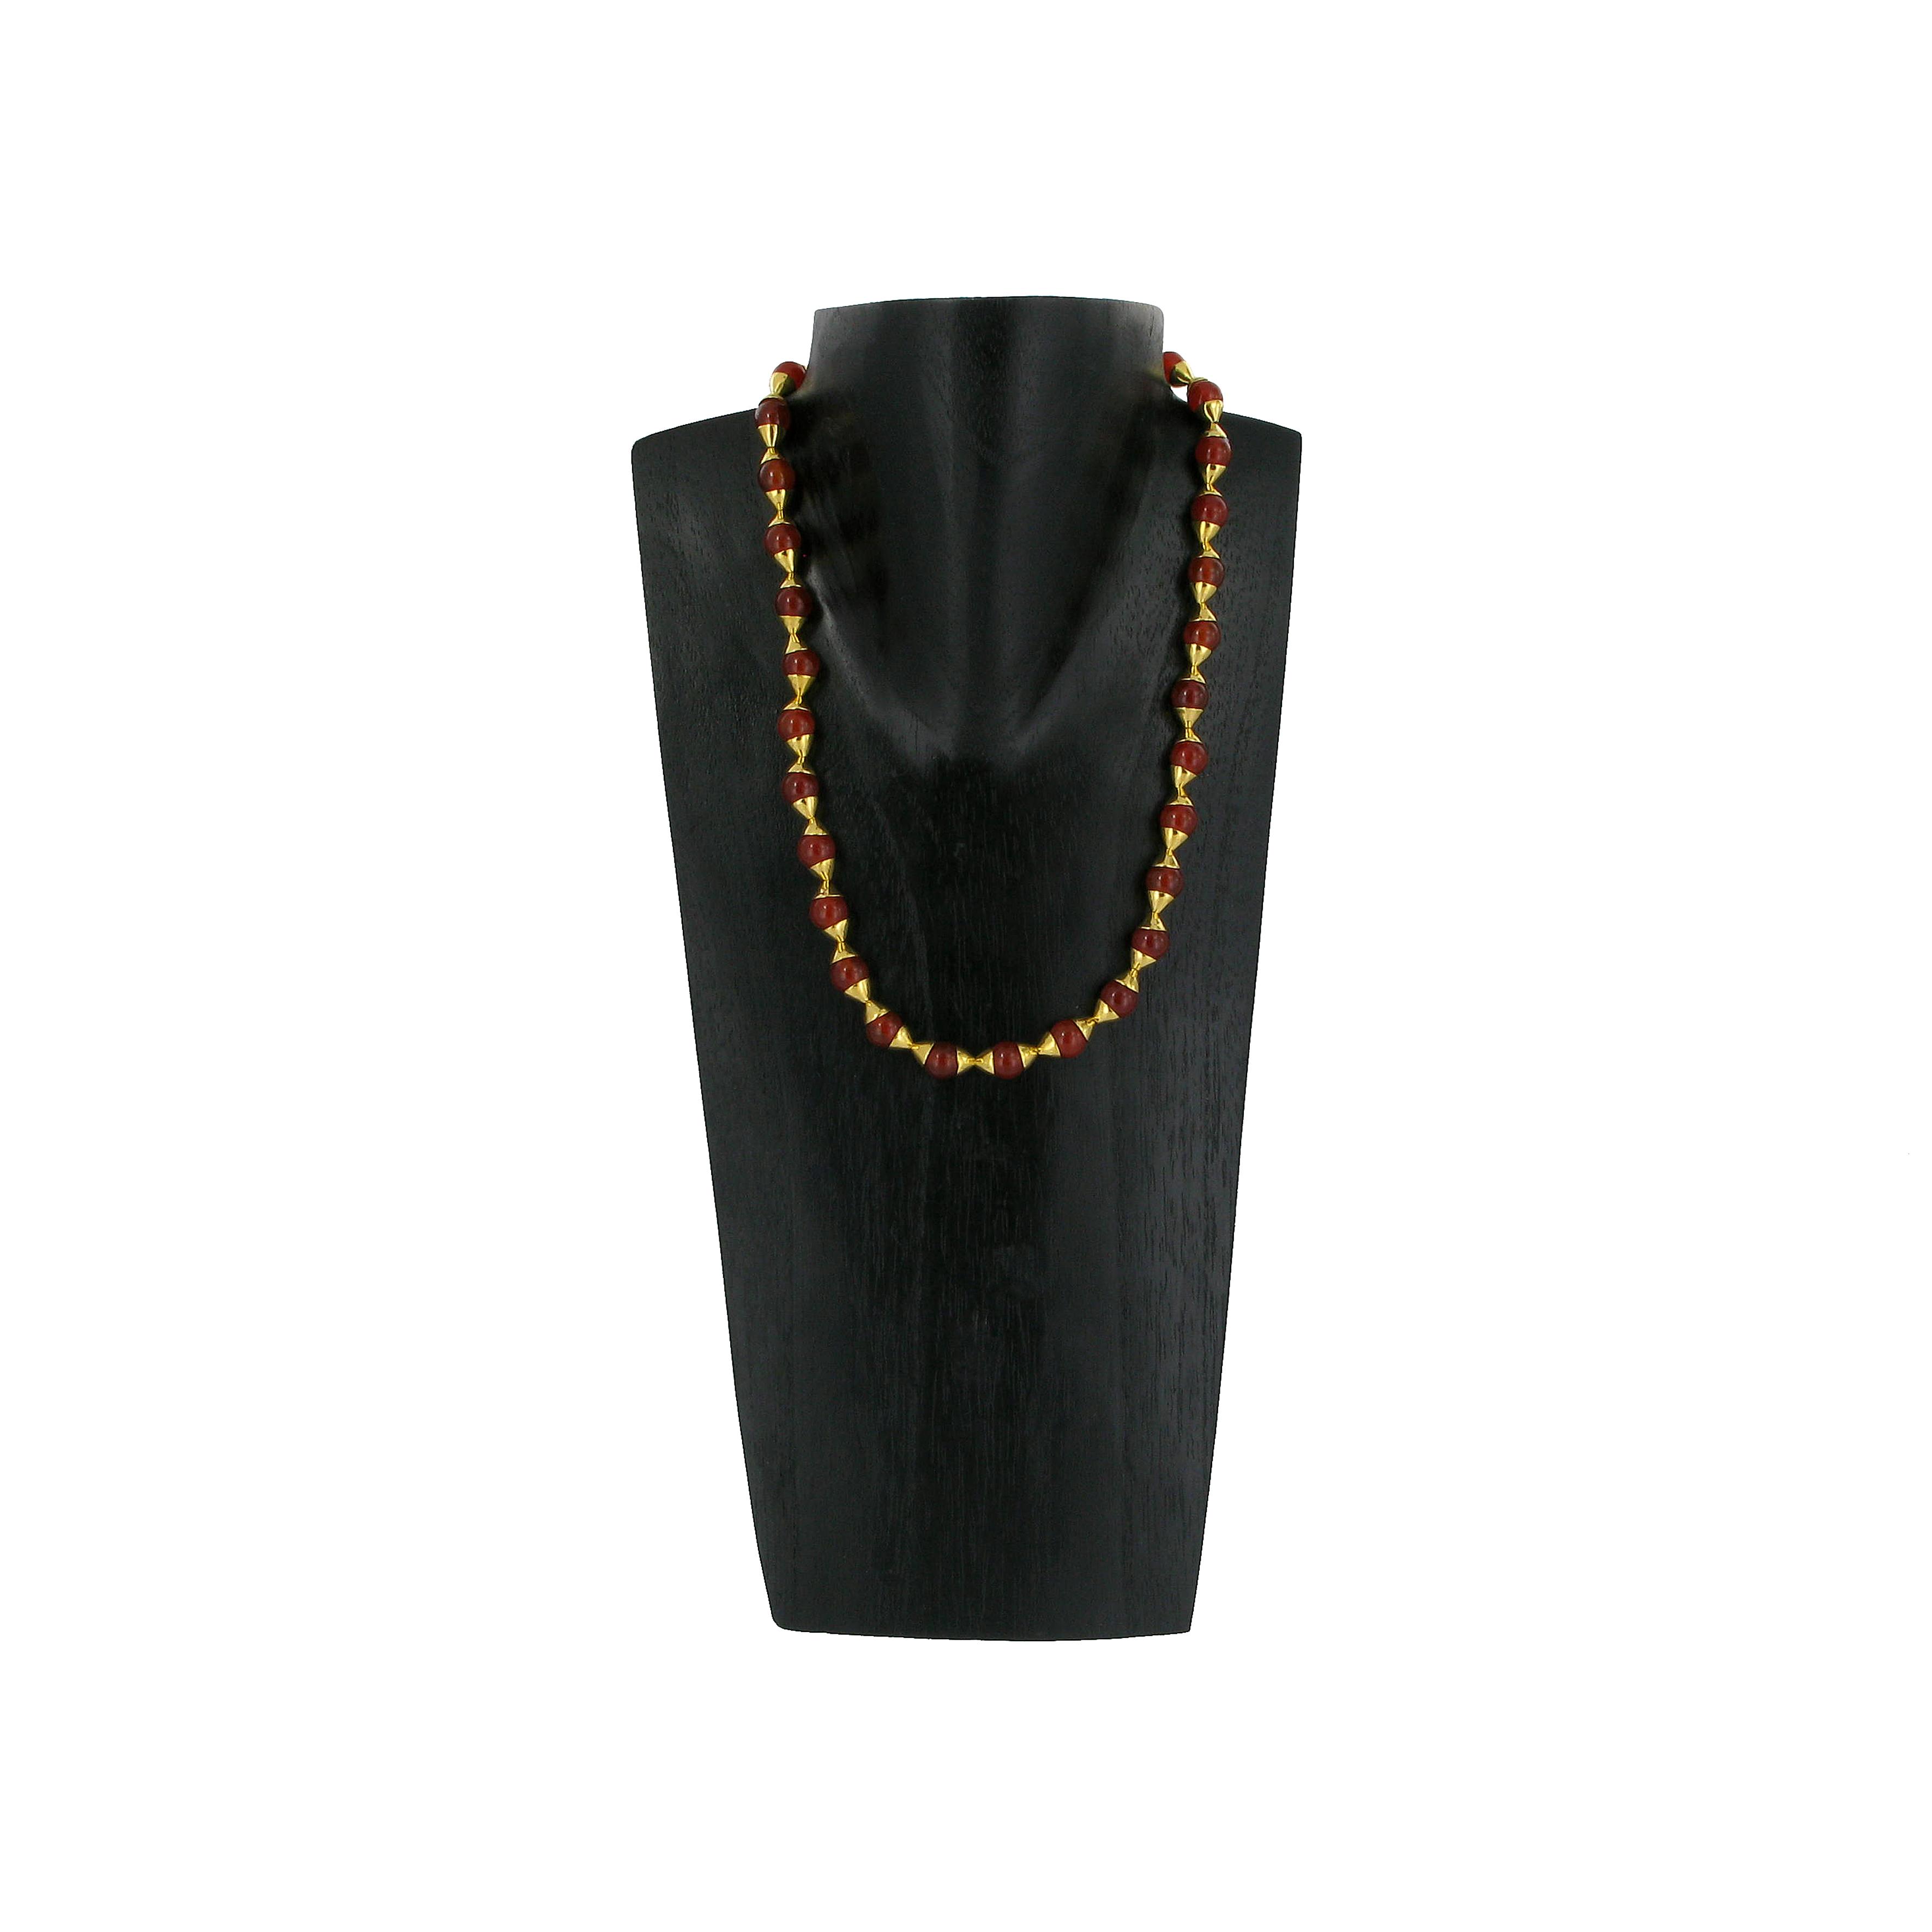 Egyptian carnelian drop necklace